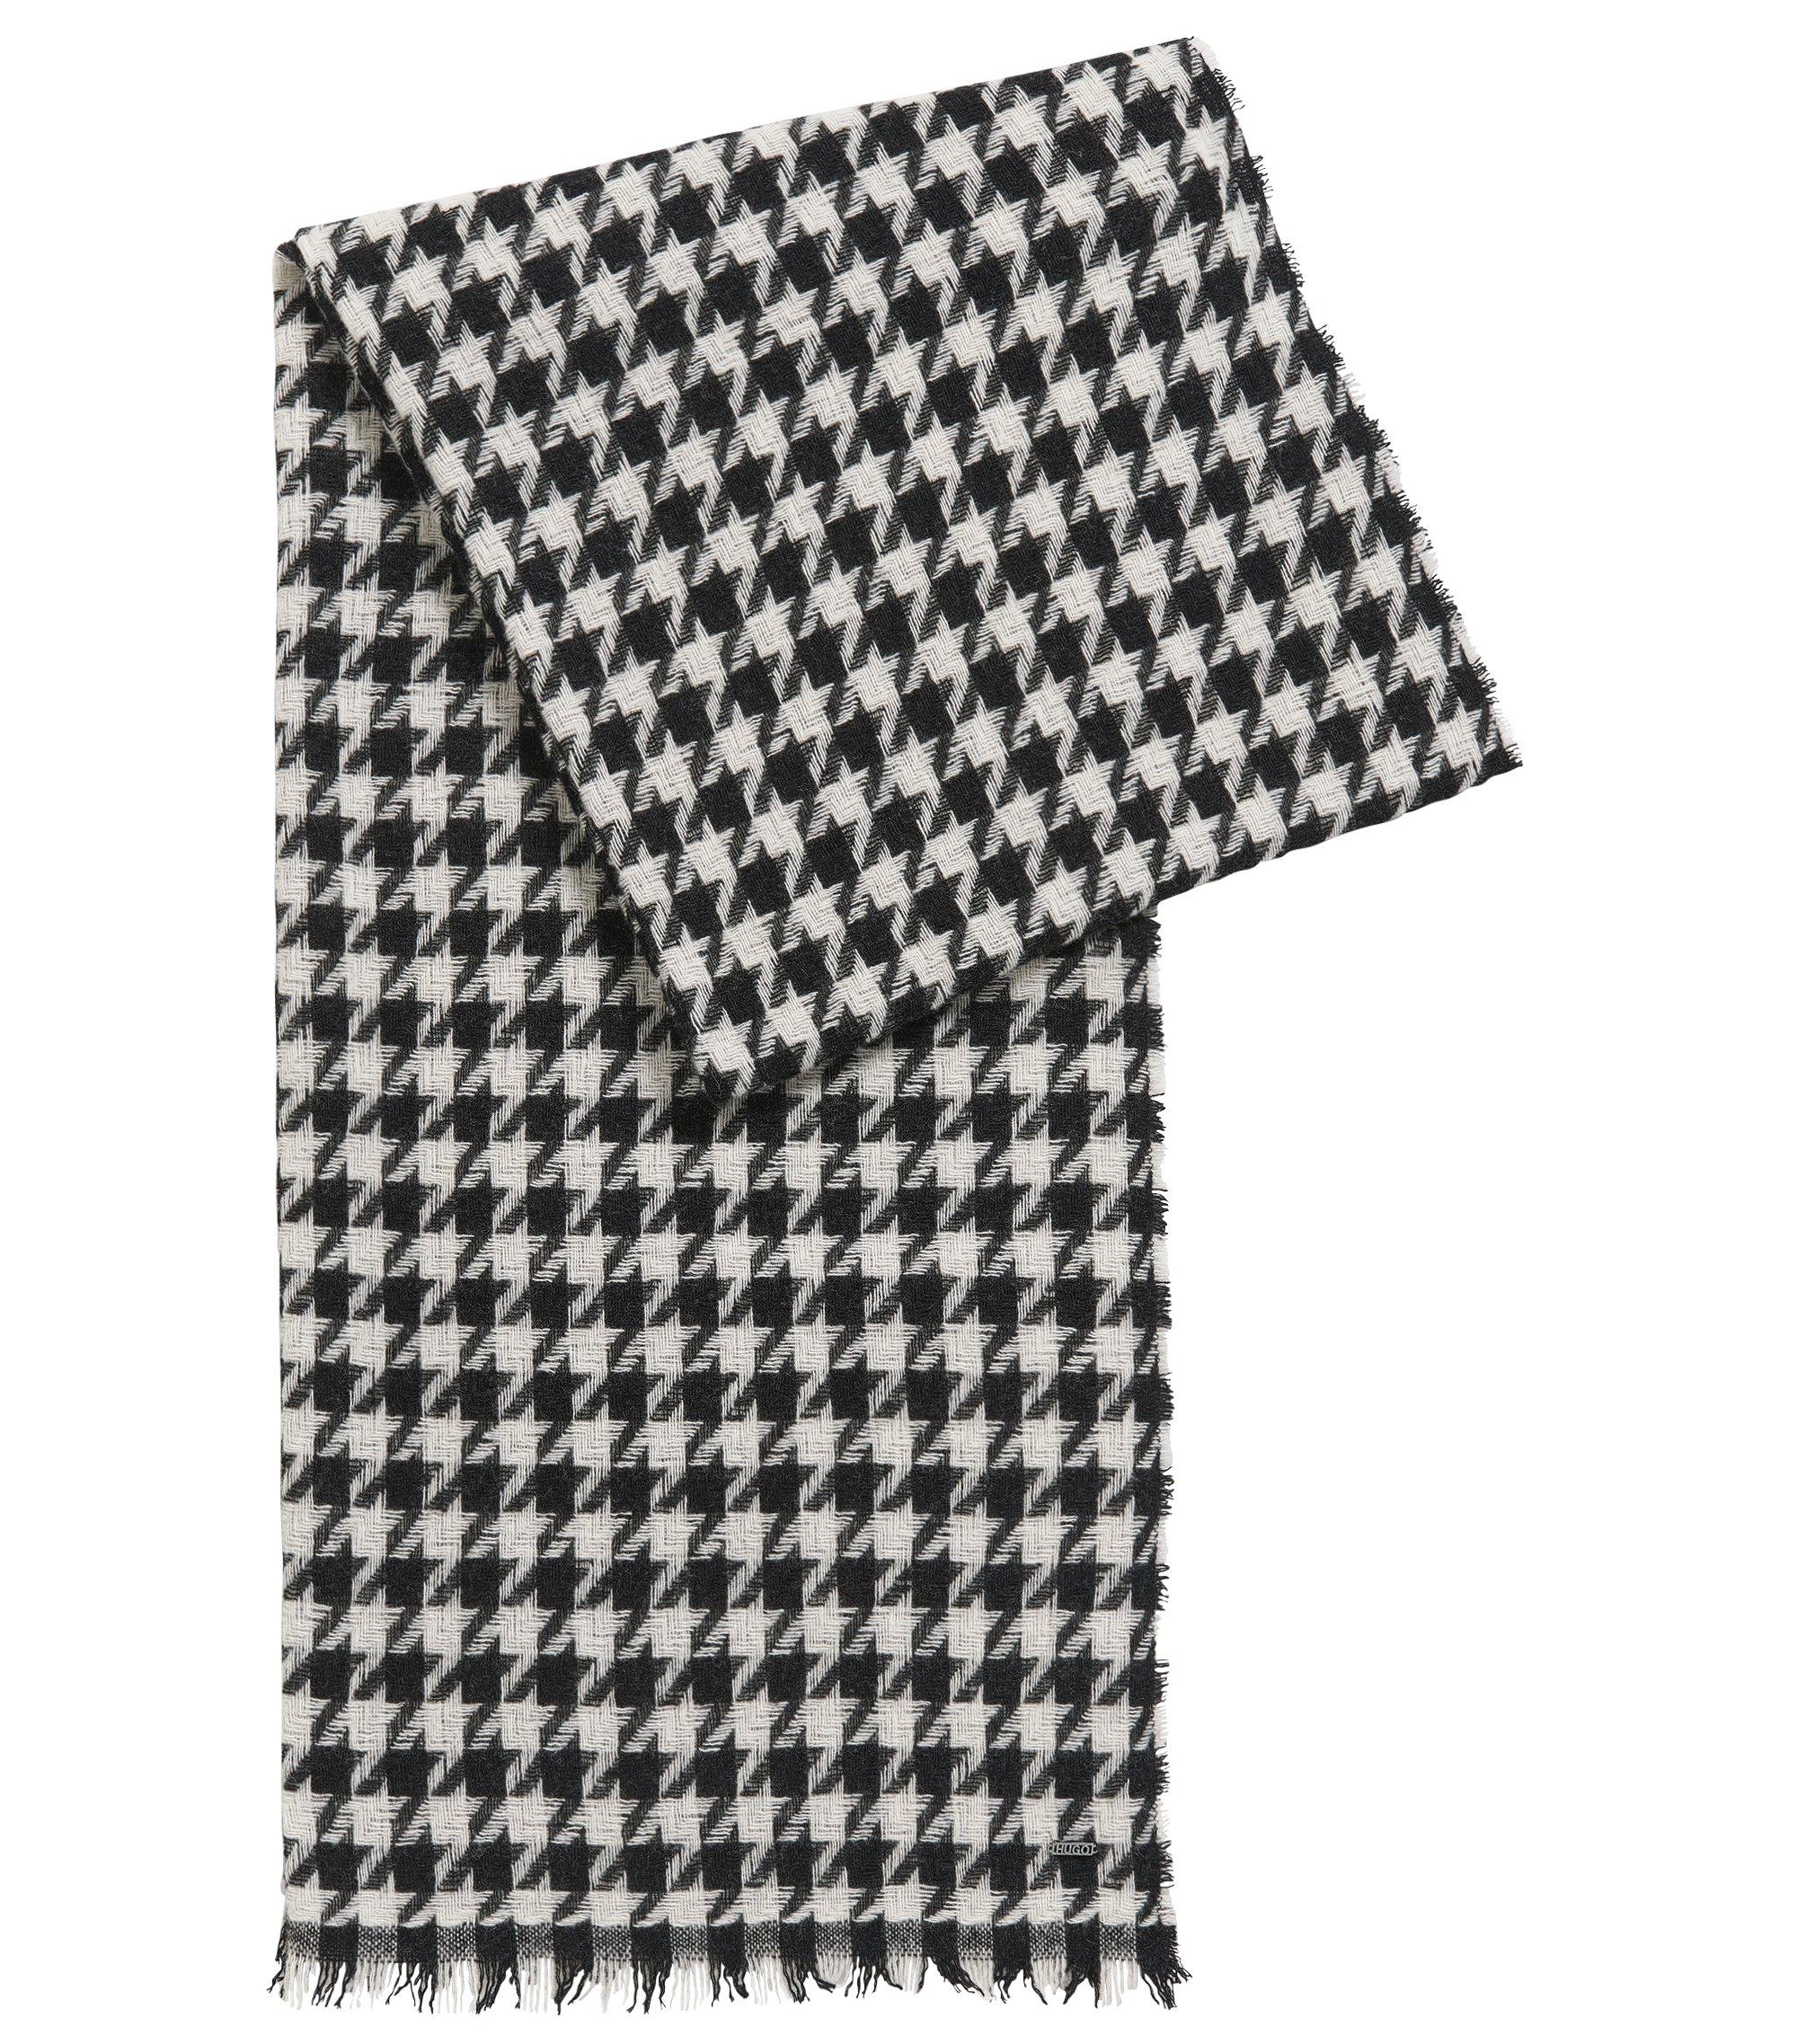 Écharpe pied-de-poule en laine mélangée, Fantaisie